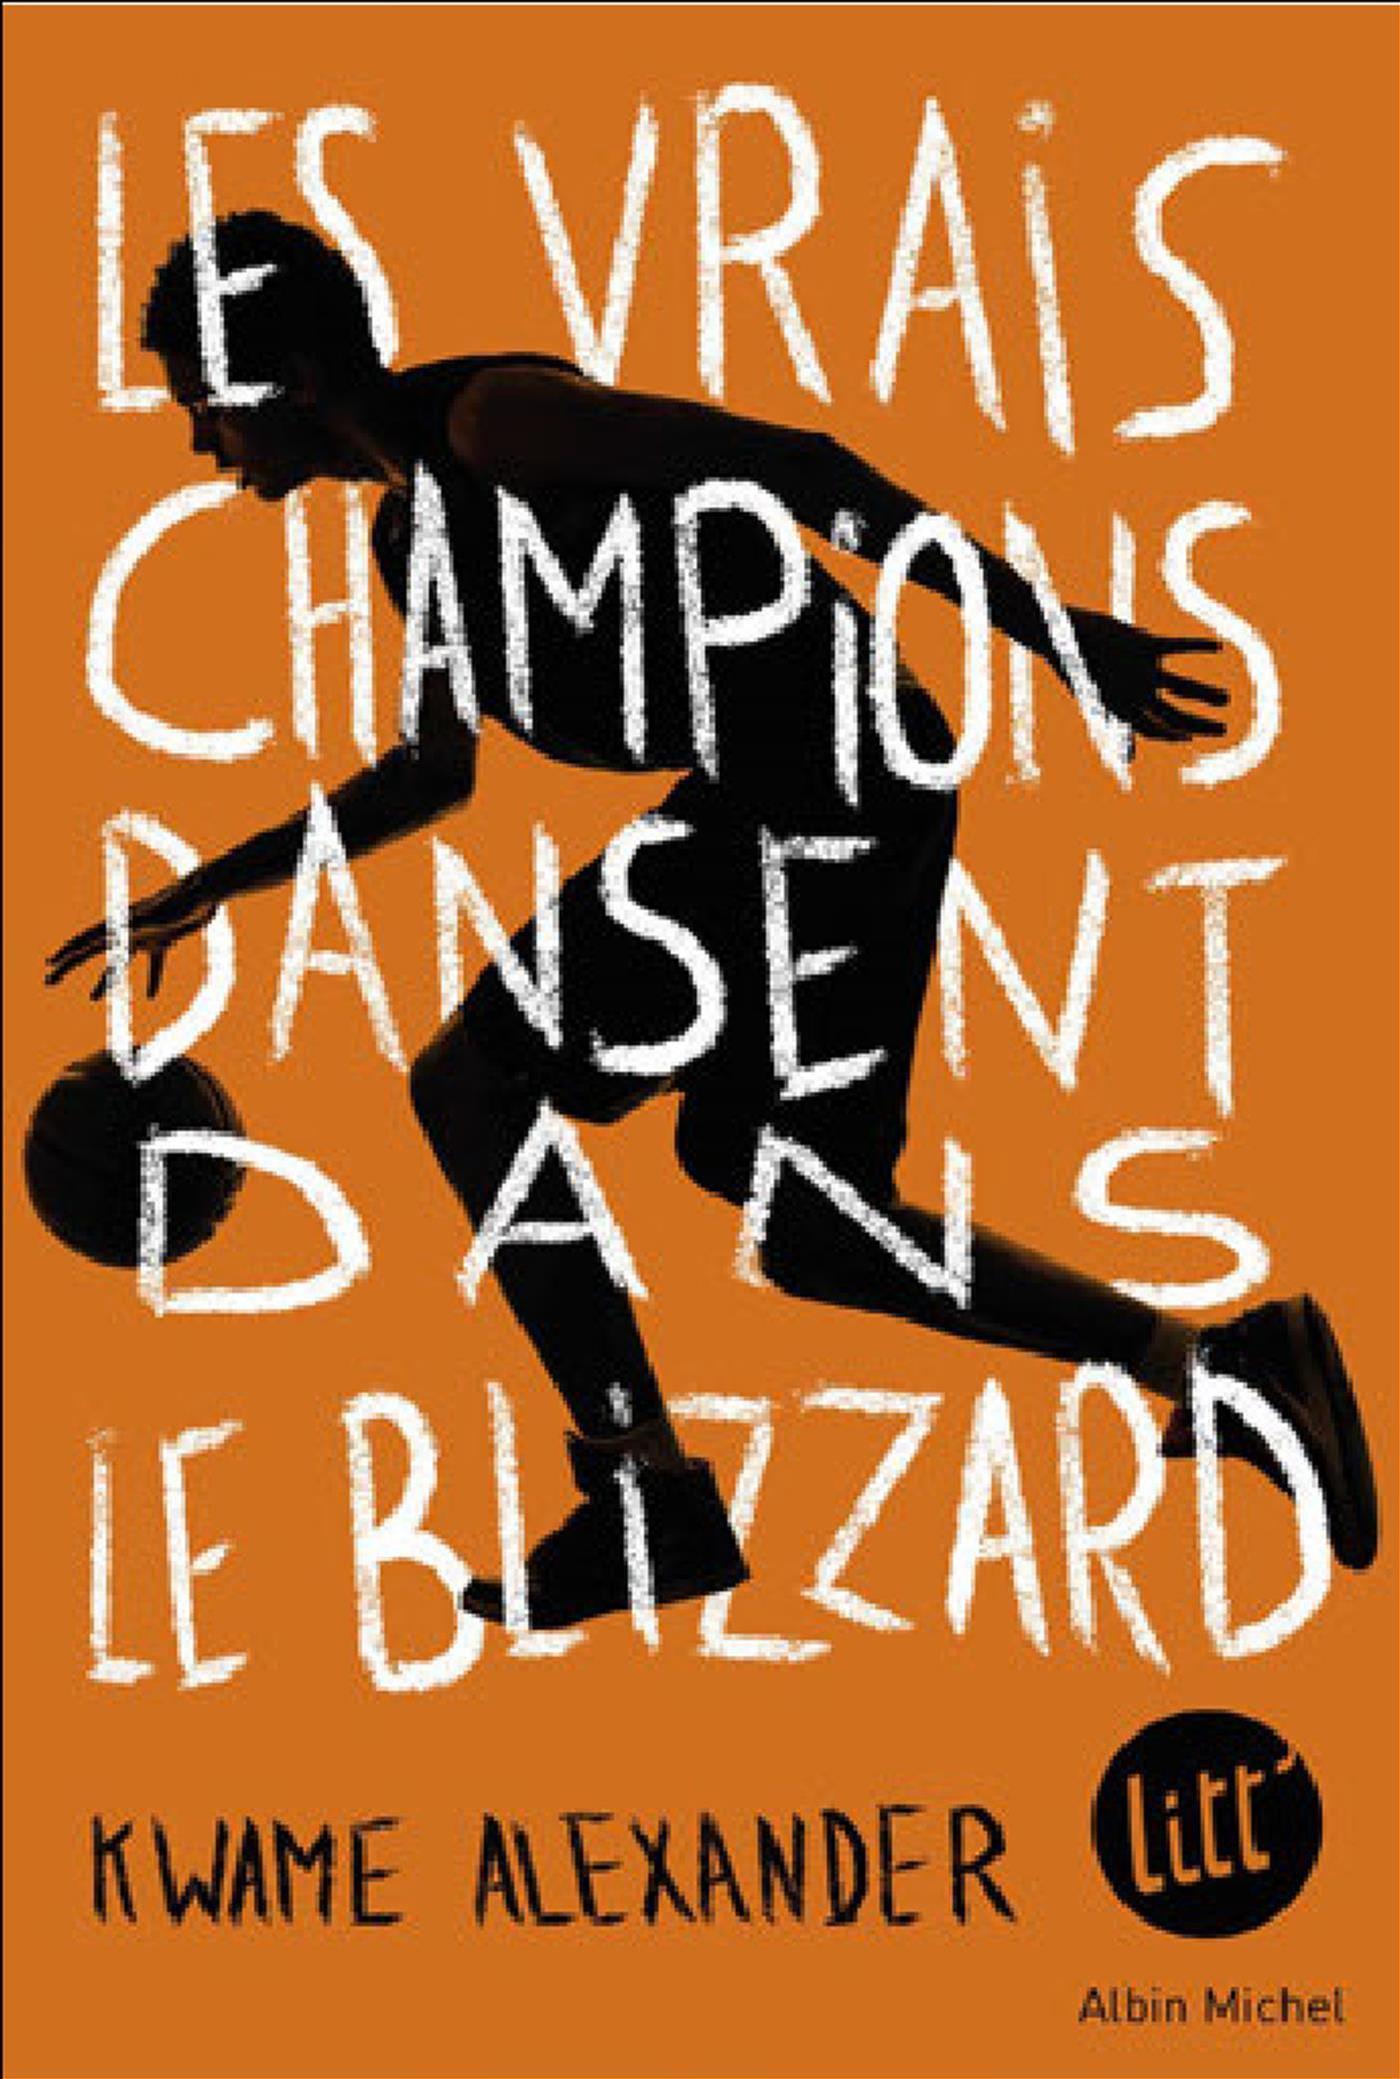 Les Les Vrais Champions dansent dans le blizzard